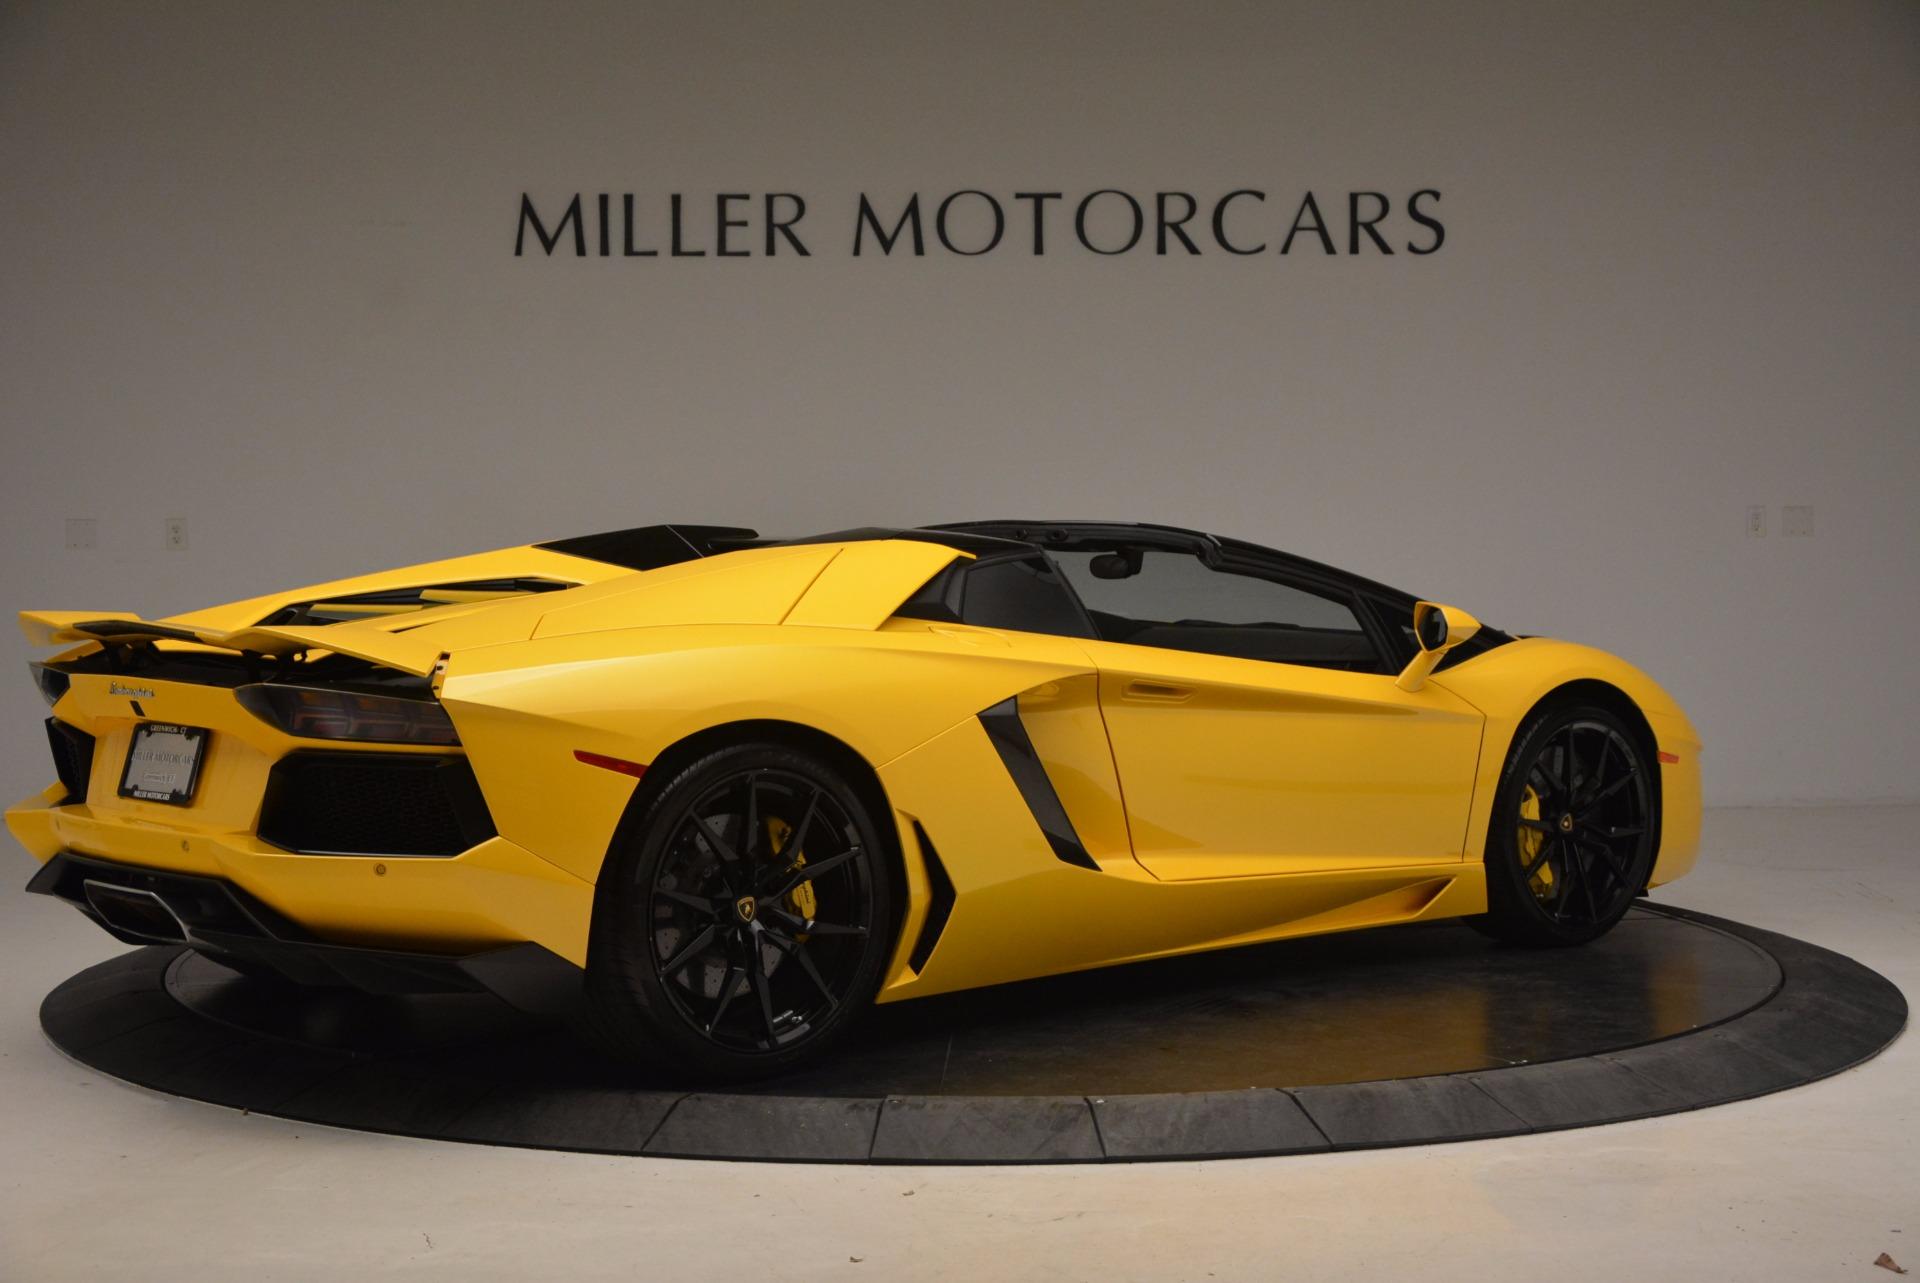 Used 2015 Lamborghini Aventador LP 700-4 Roadster For Sale In Greenwich, CT 1774_p9